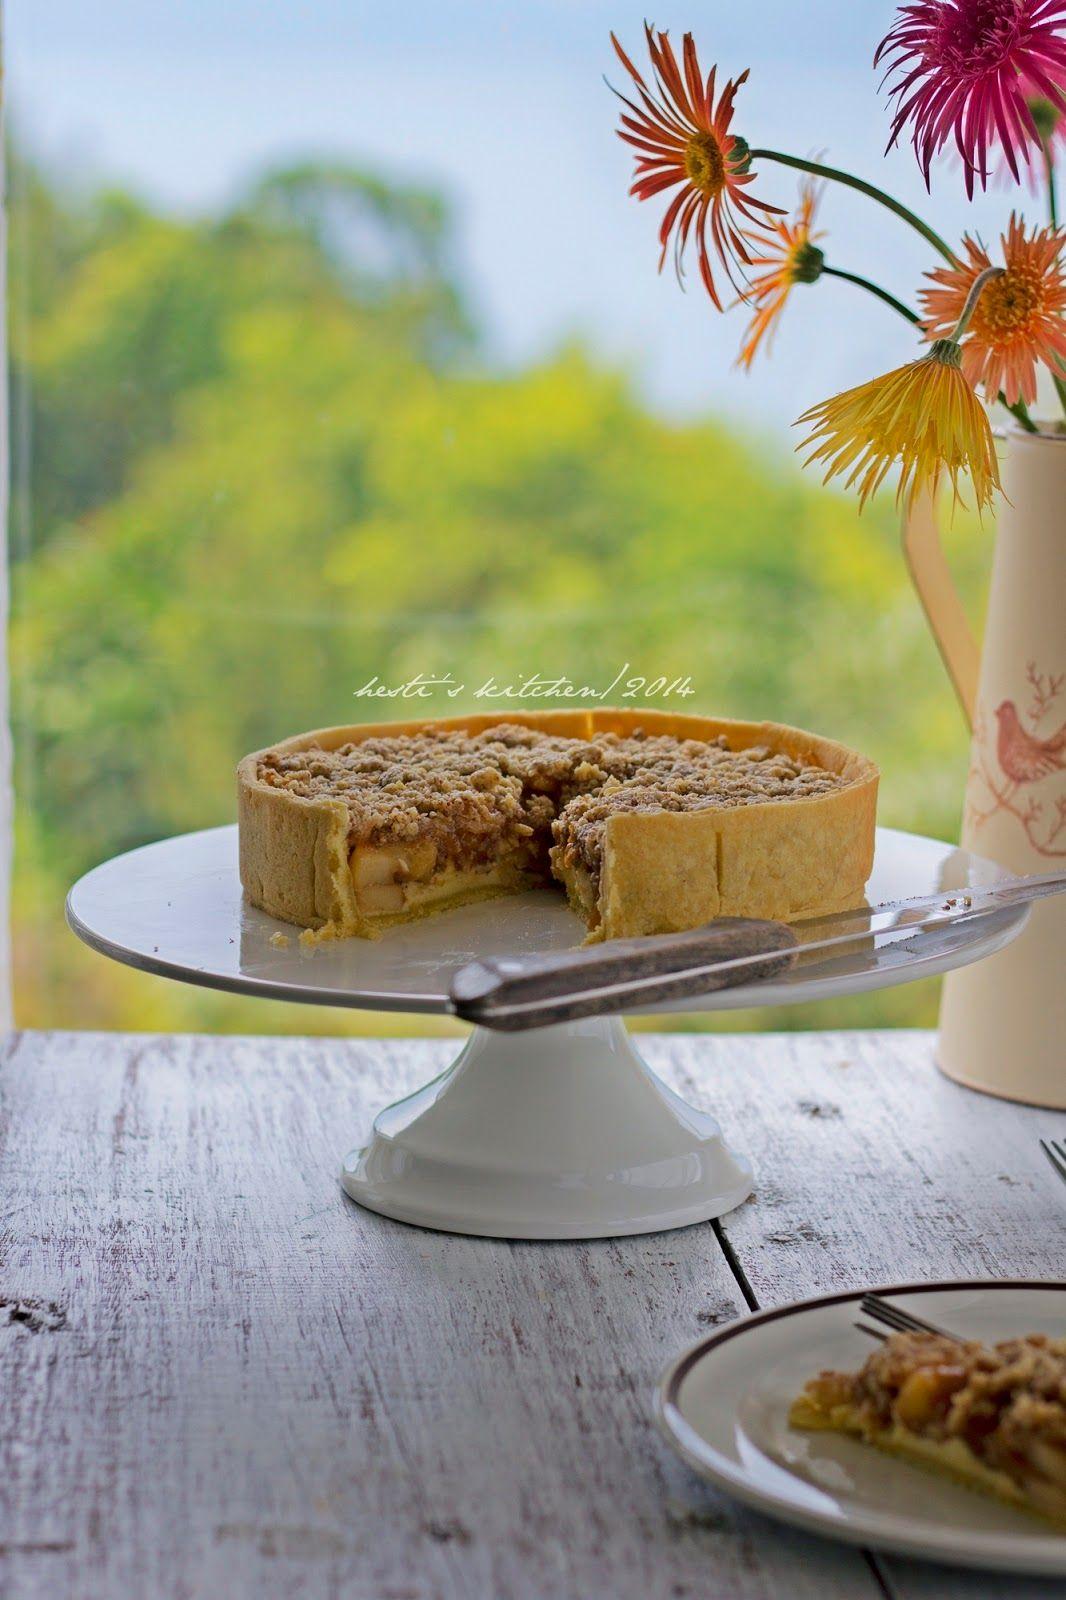 Alhamdulillah Hari Ini Berhasil Buat Apple Streusel Cheese Pie Ini Uenaaaaak Sekali Kalau Dulu Dulu Aku Selalu Bi Resep Makanan Penutup Makanan Kue Kering